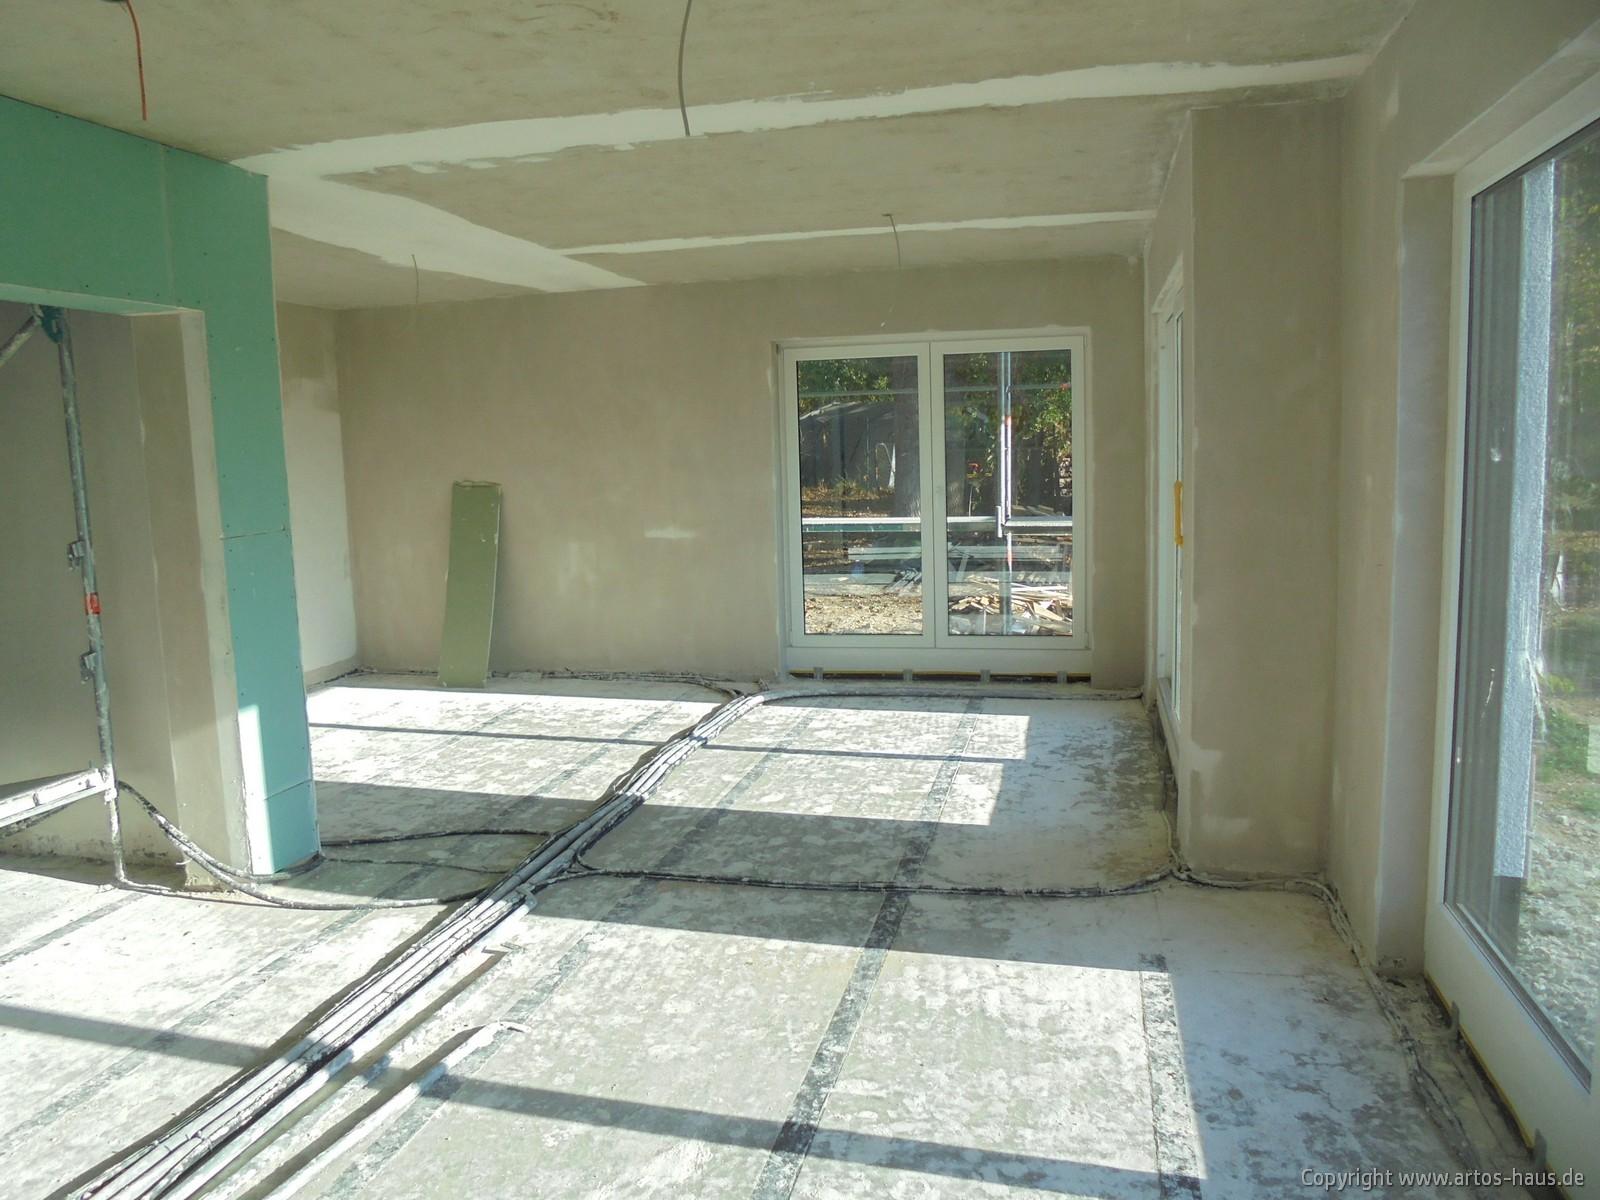 artos-haus-bv-einfamilienhaus-ruppichteroth-32